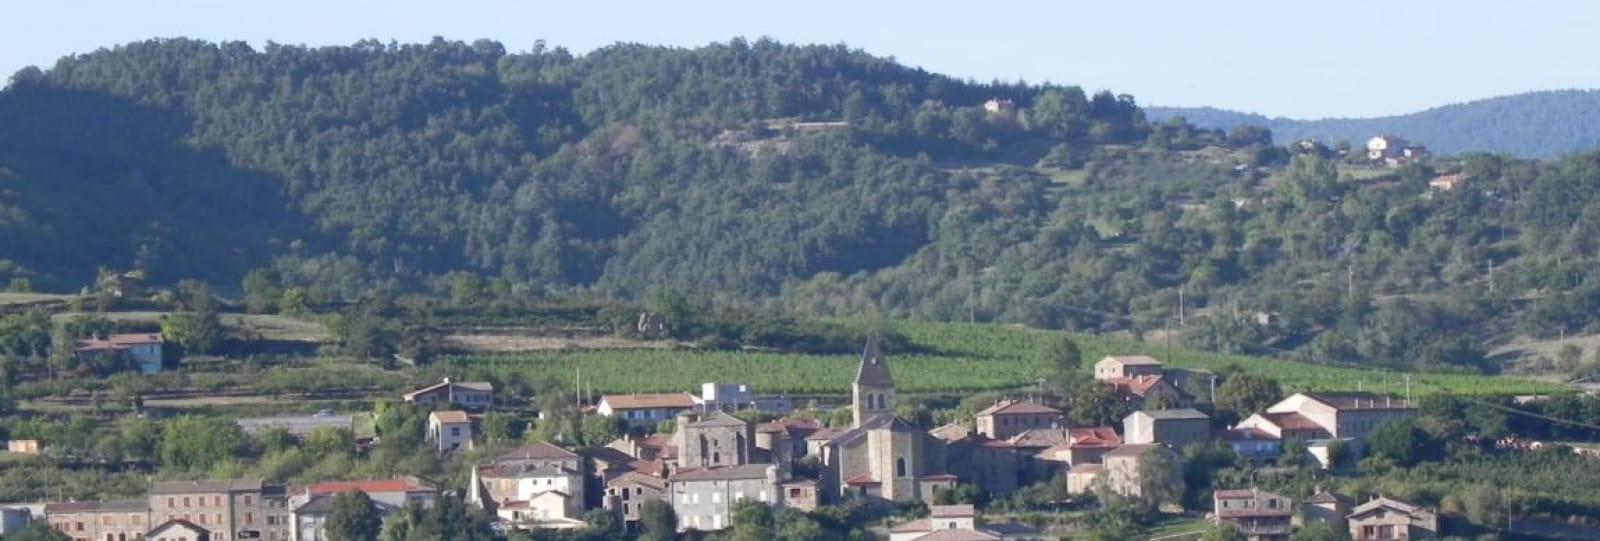 Village d'Arlebosc